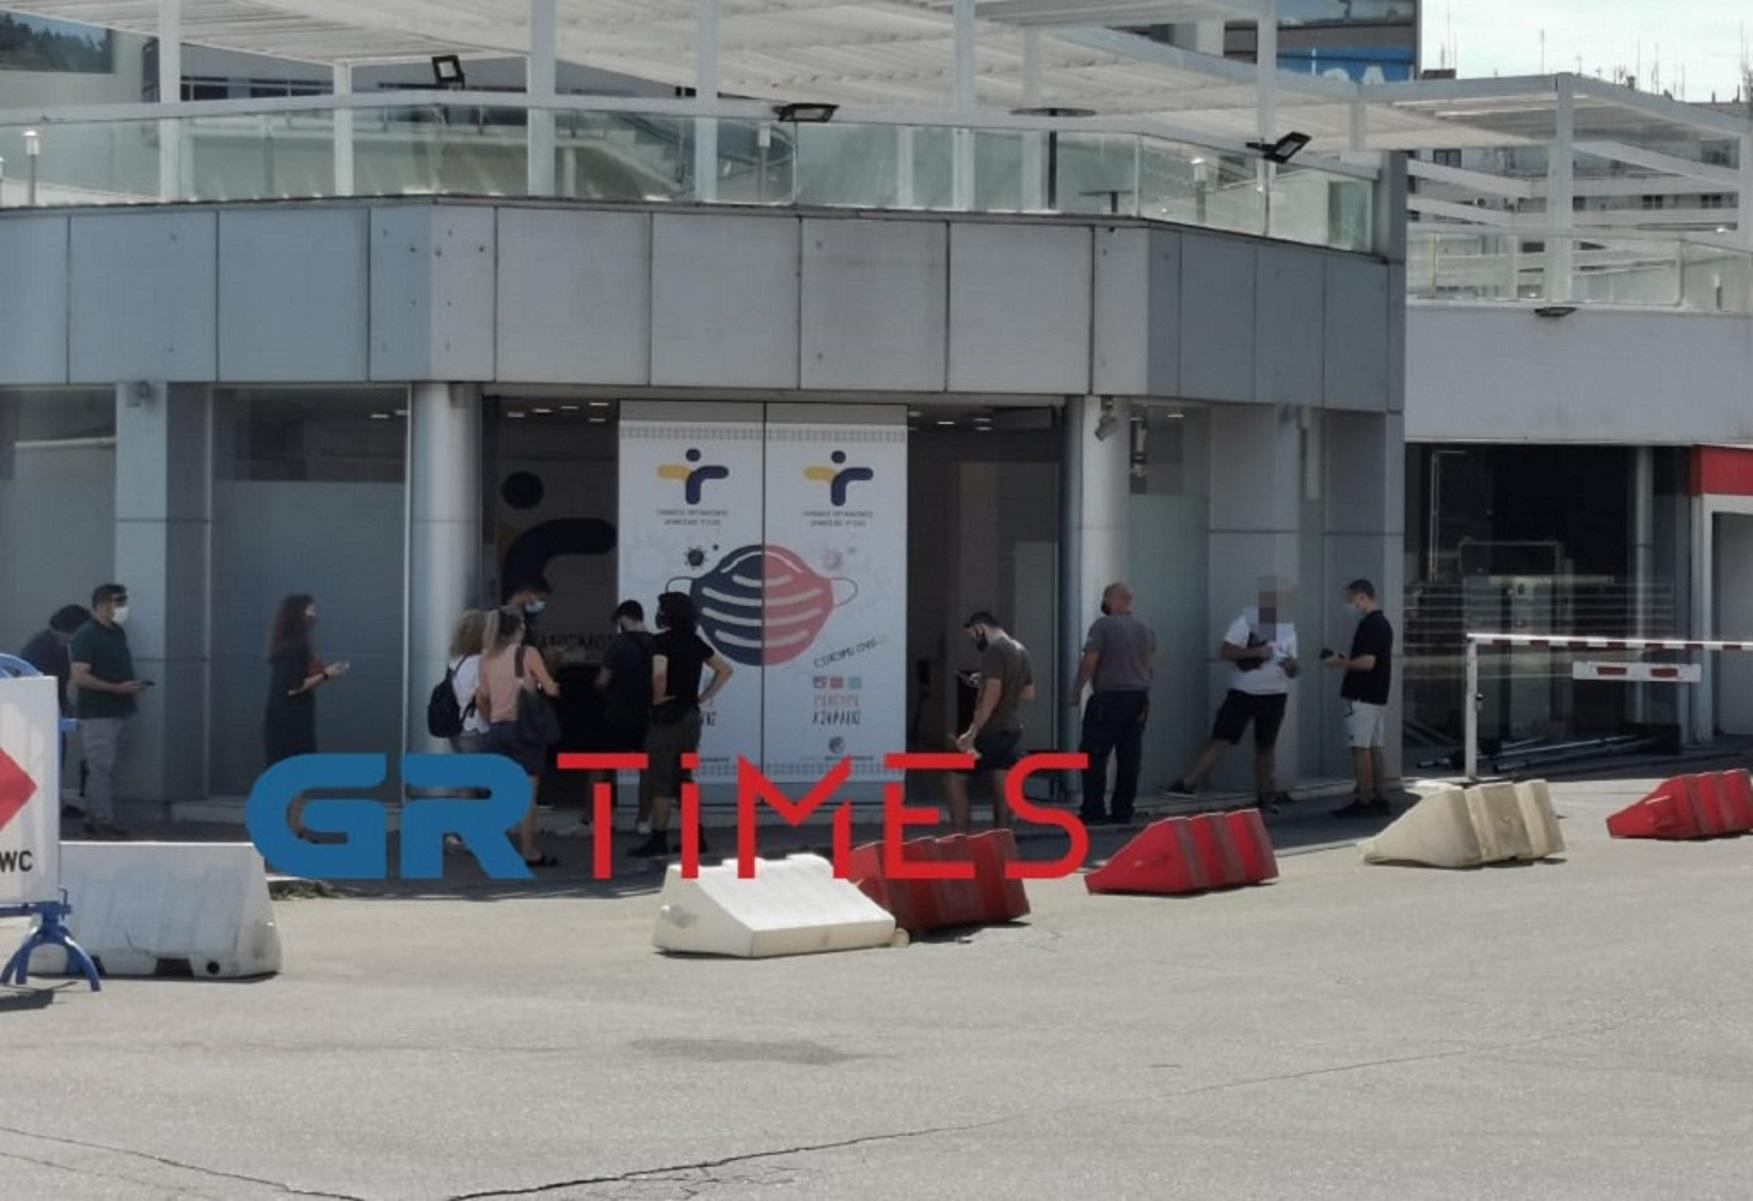 Κορονοϊός – Θεσσαλονίκη: Στην ουρά για rapid test πριν φύγουν διακοπές